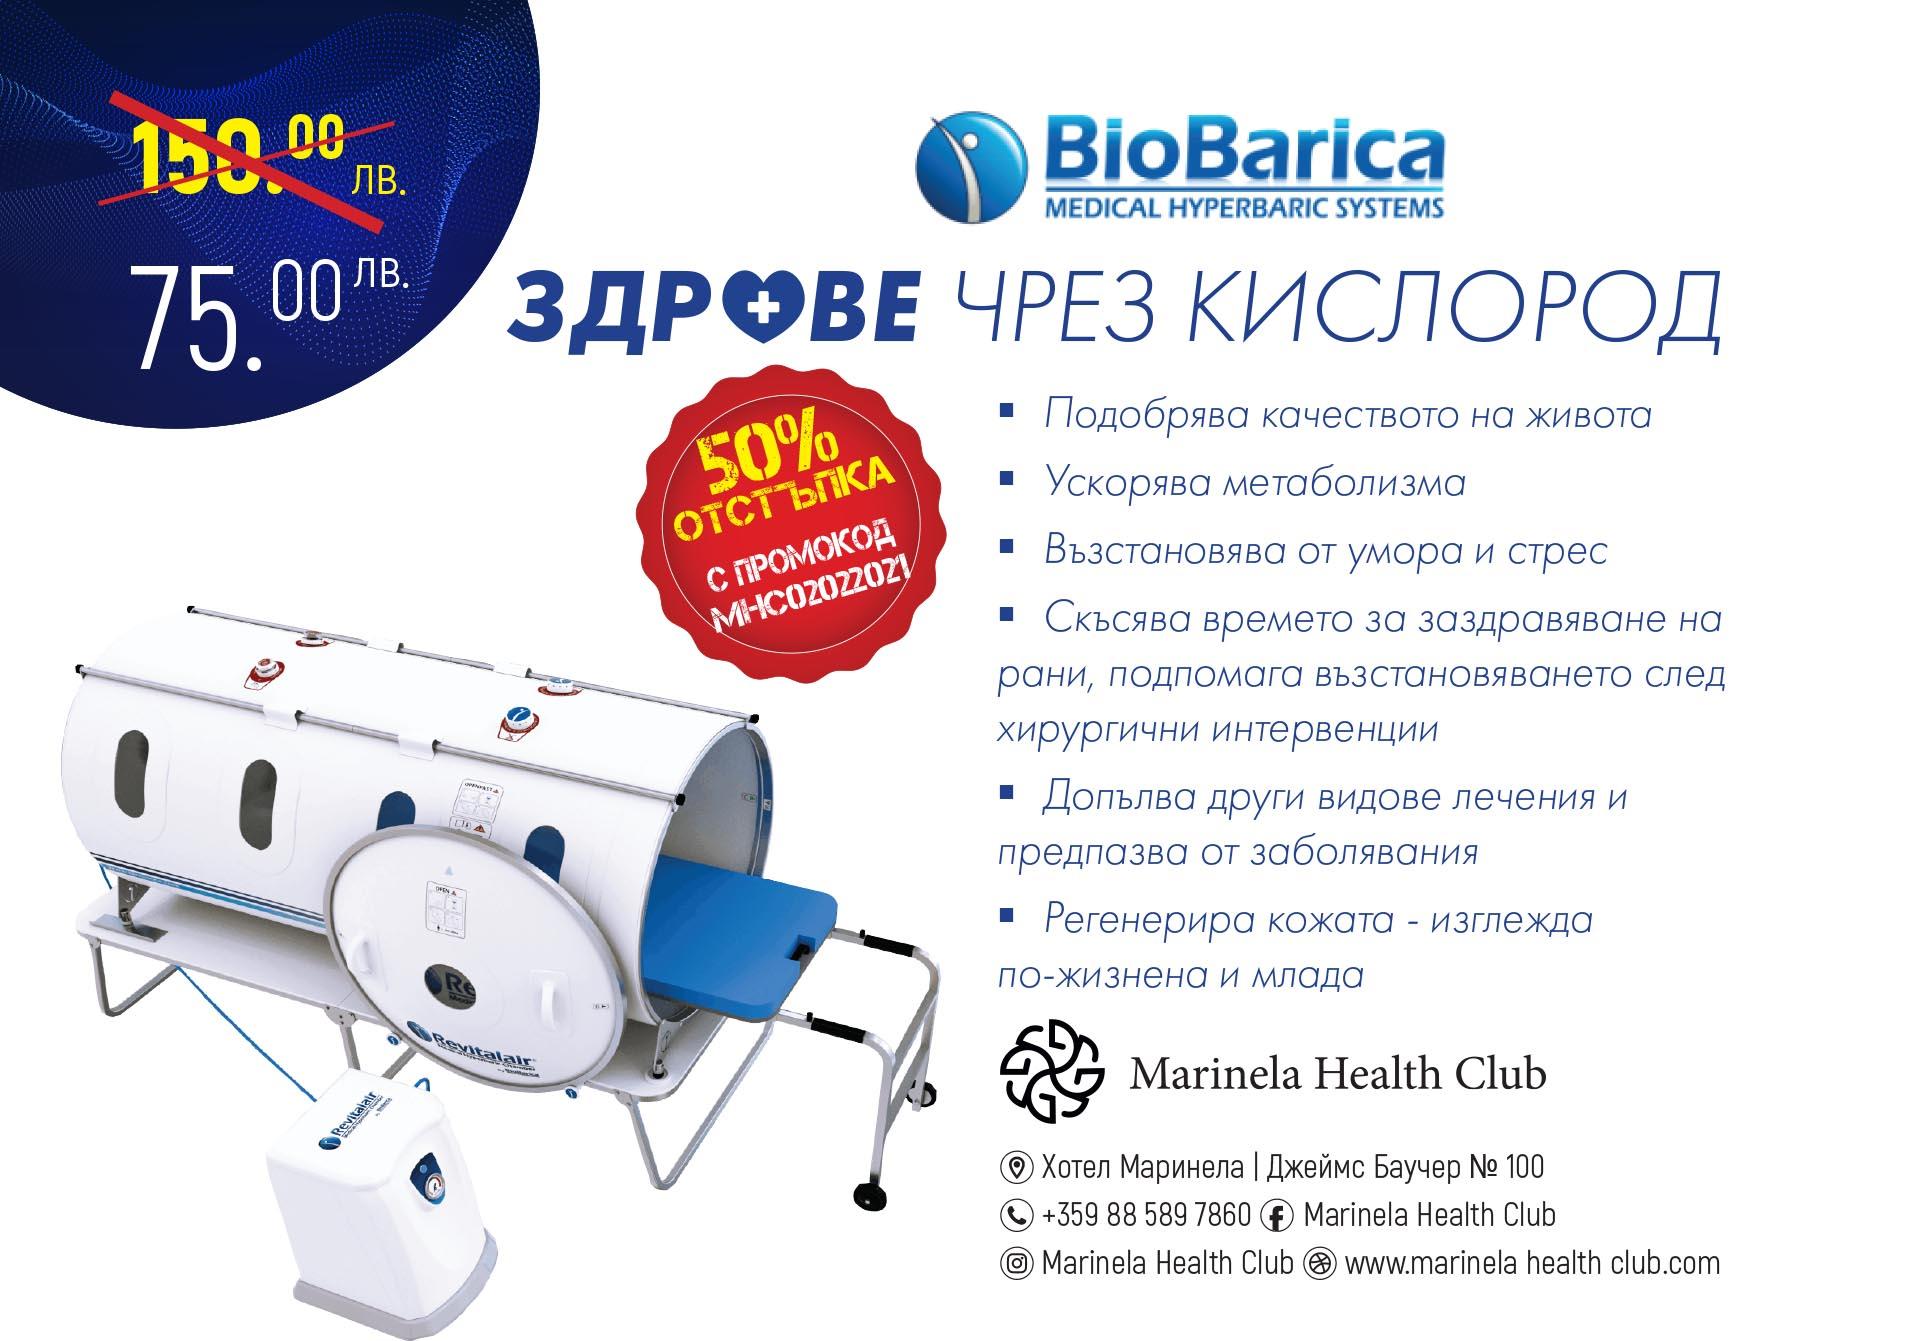 Biobarica-1